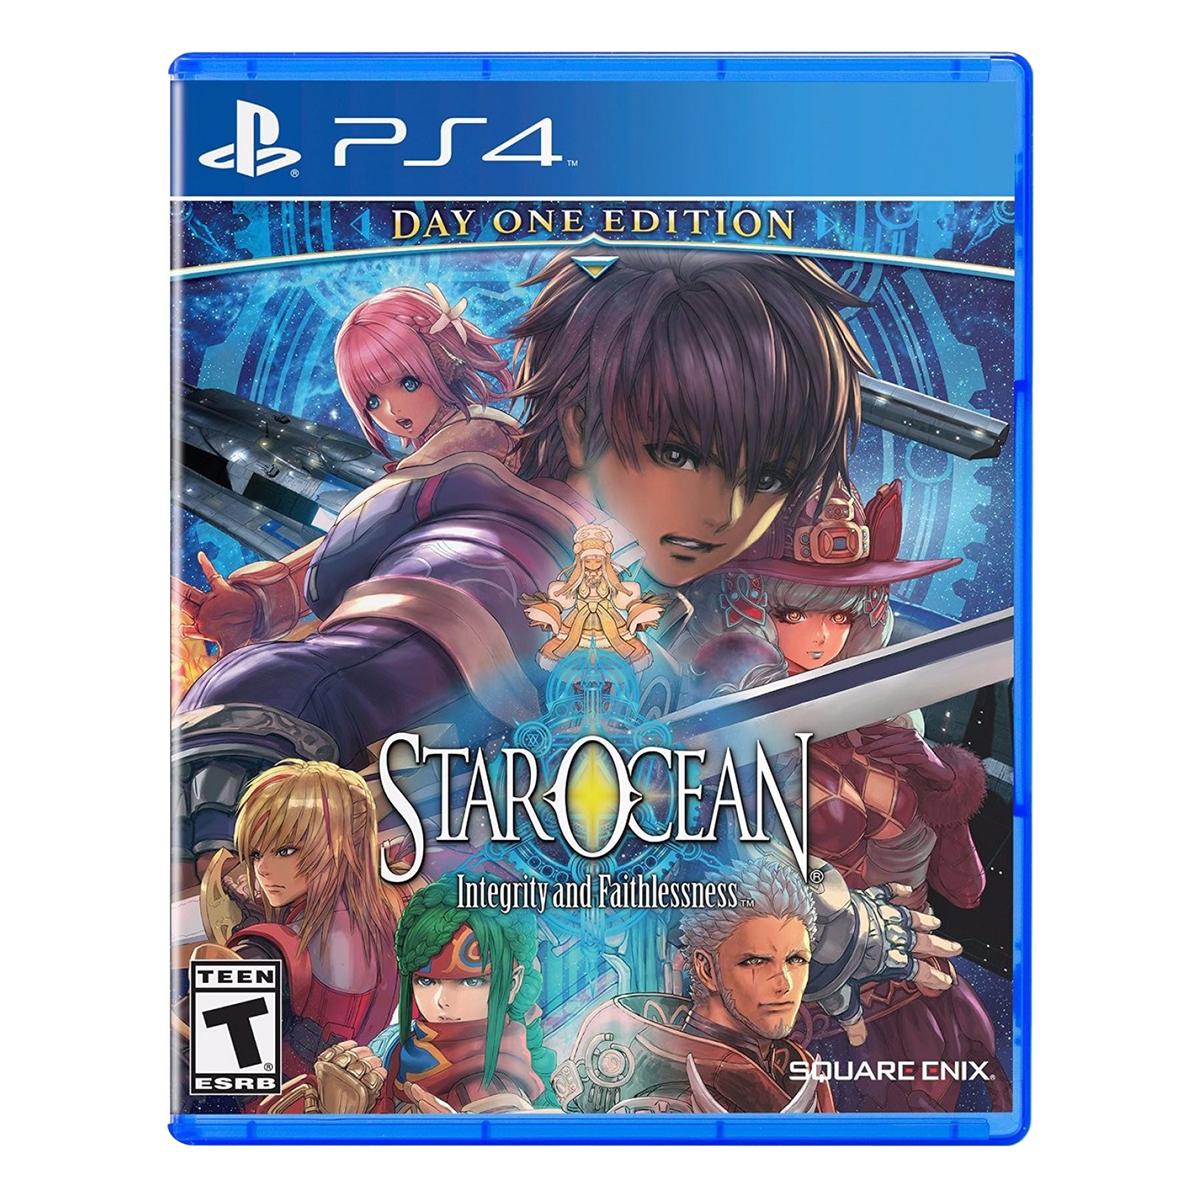 Đĩa Game Sony PS4 Star Ocean -Integrity And Faithlessness - Hàng Chính Hãng